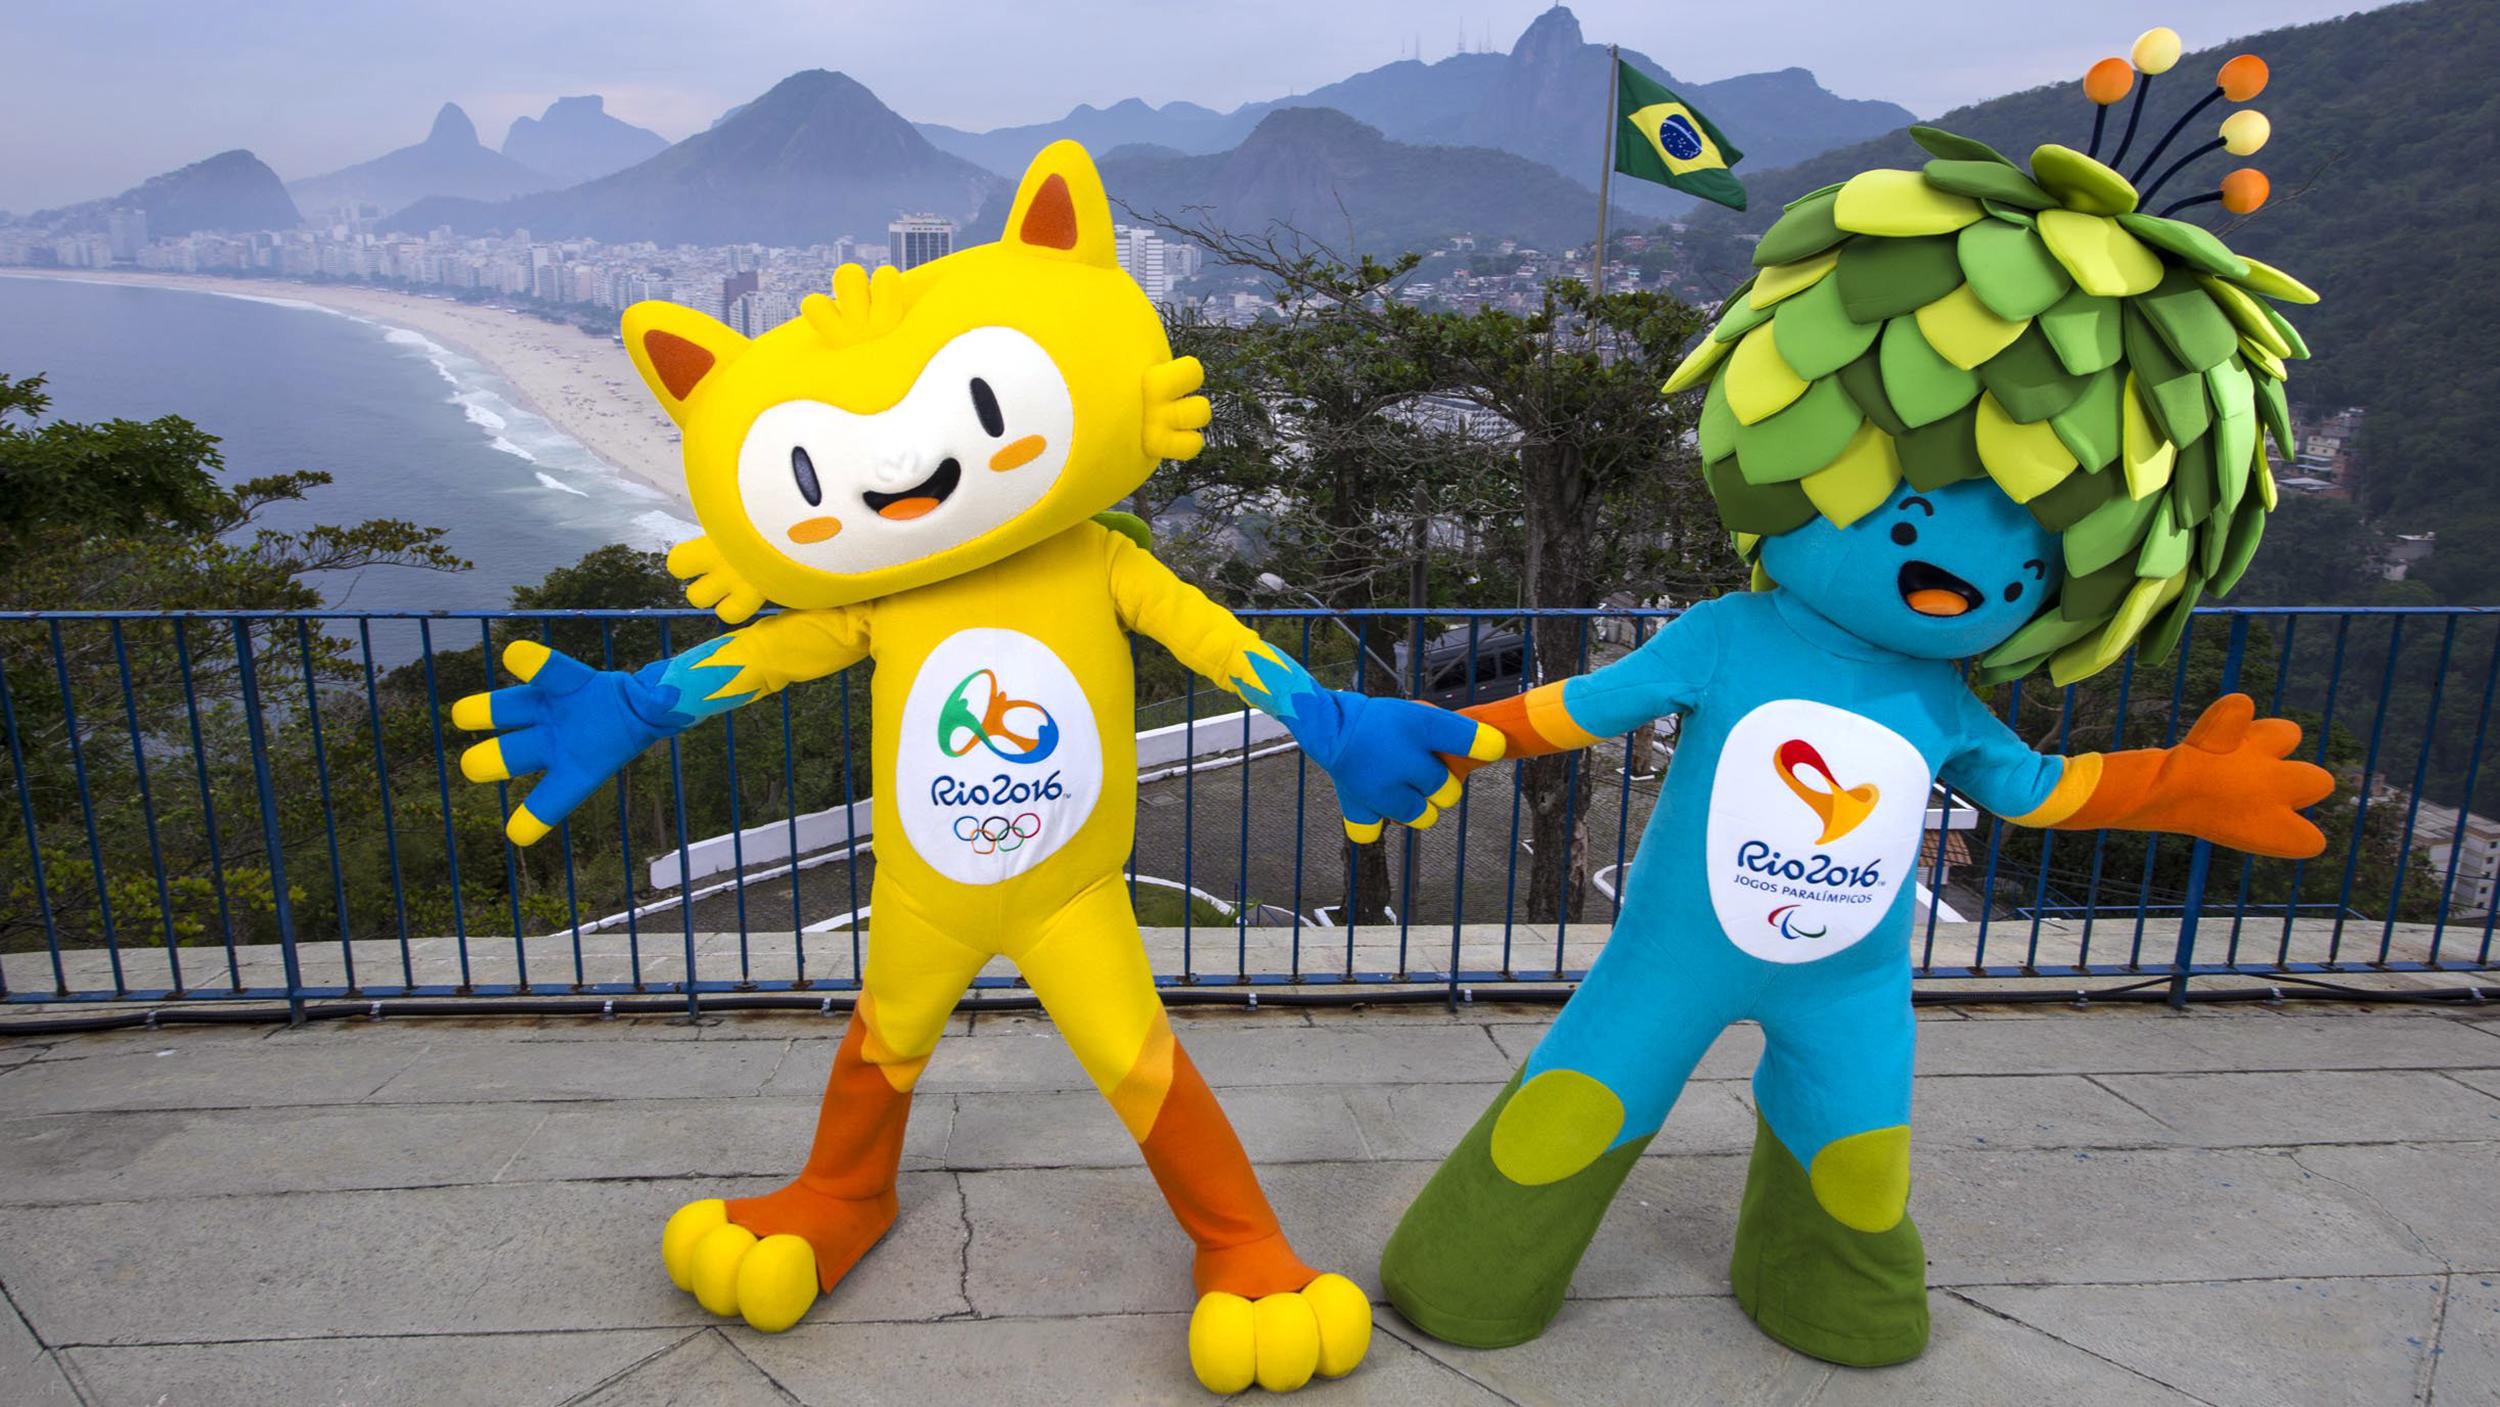 Талисман Олимпиады 2018 в Рио-де-Жанейро: Фото логотипа, монет, плаката, талисмана